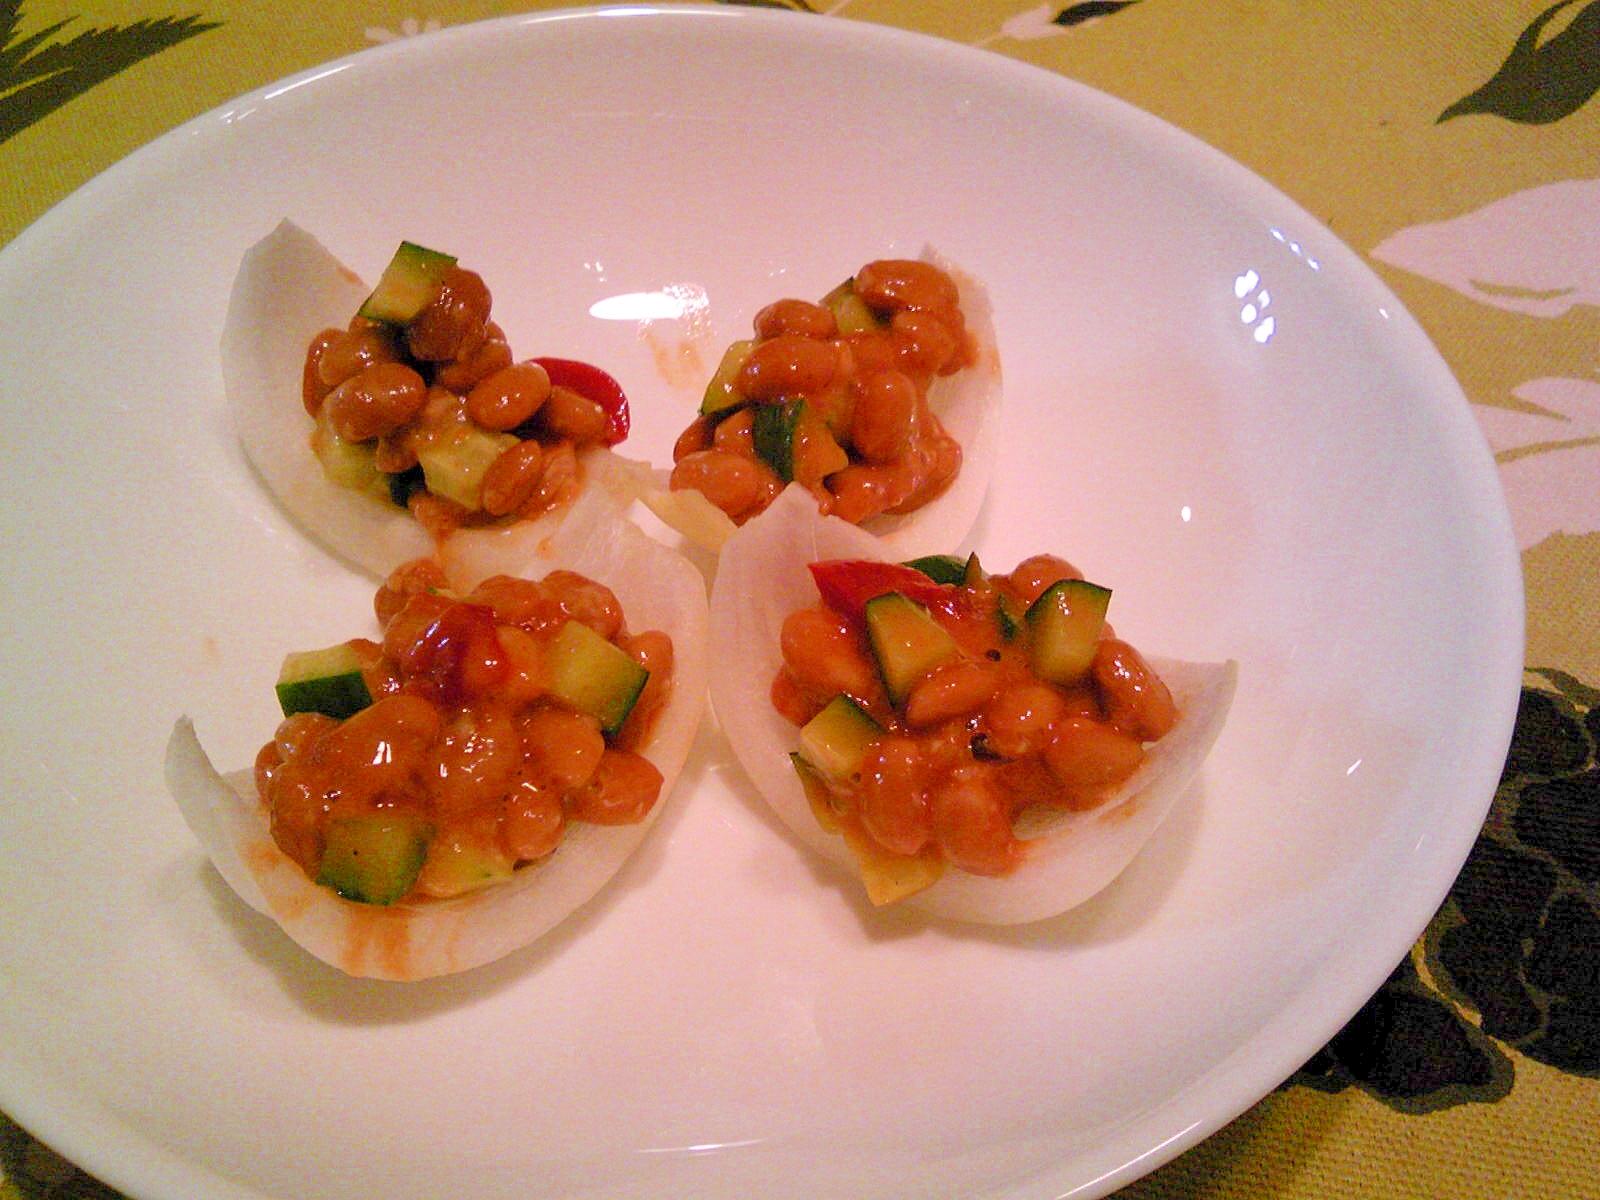 新玉葱のラタトゥイユ・きゅうり・納豆のせ